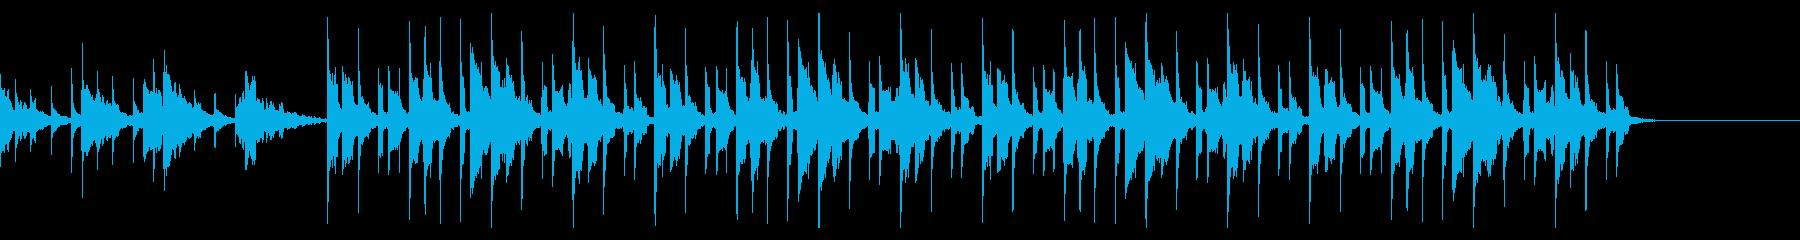 スピード感のあるジャンルレスなBGMの再生済みの波形